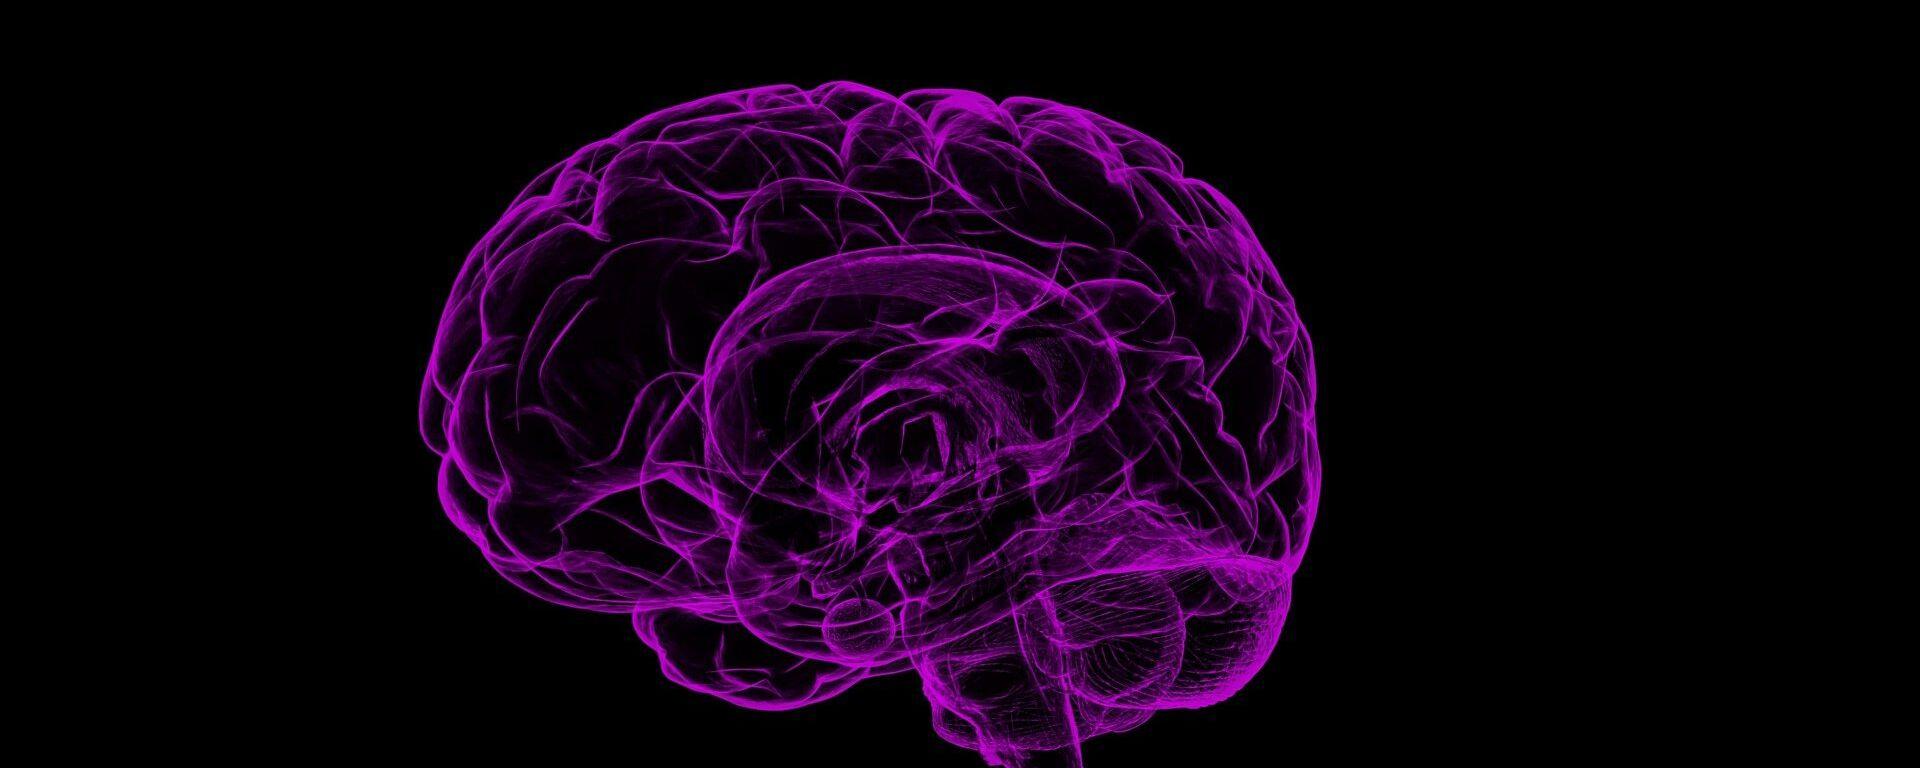 Cerebro (imagen referencial) - Sputnik Mundo, 1920, 29.01.2021